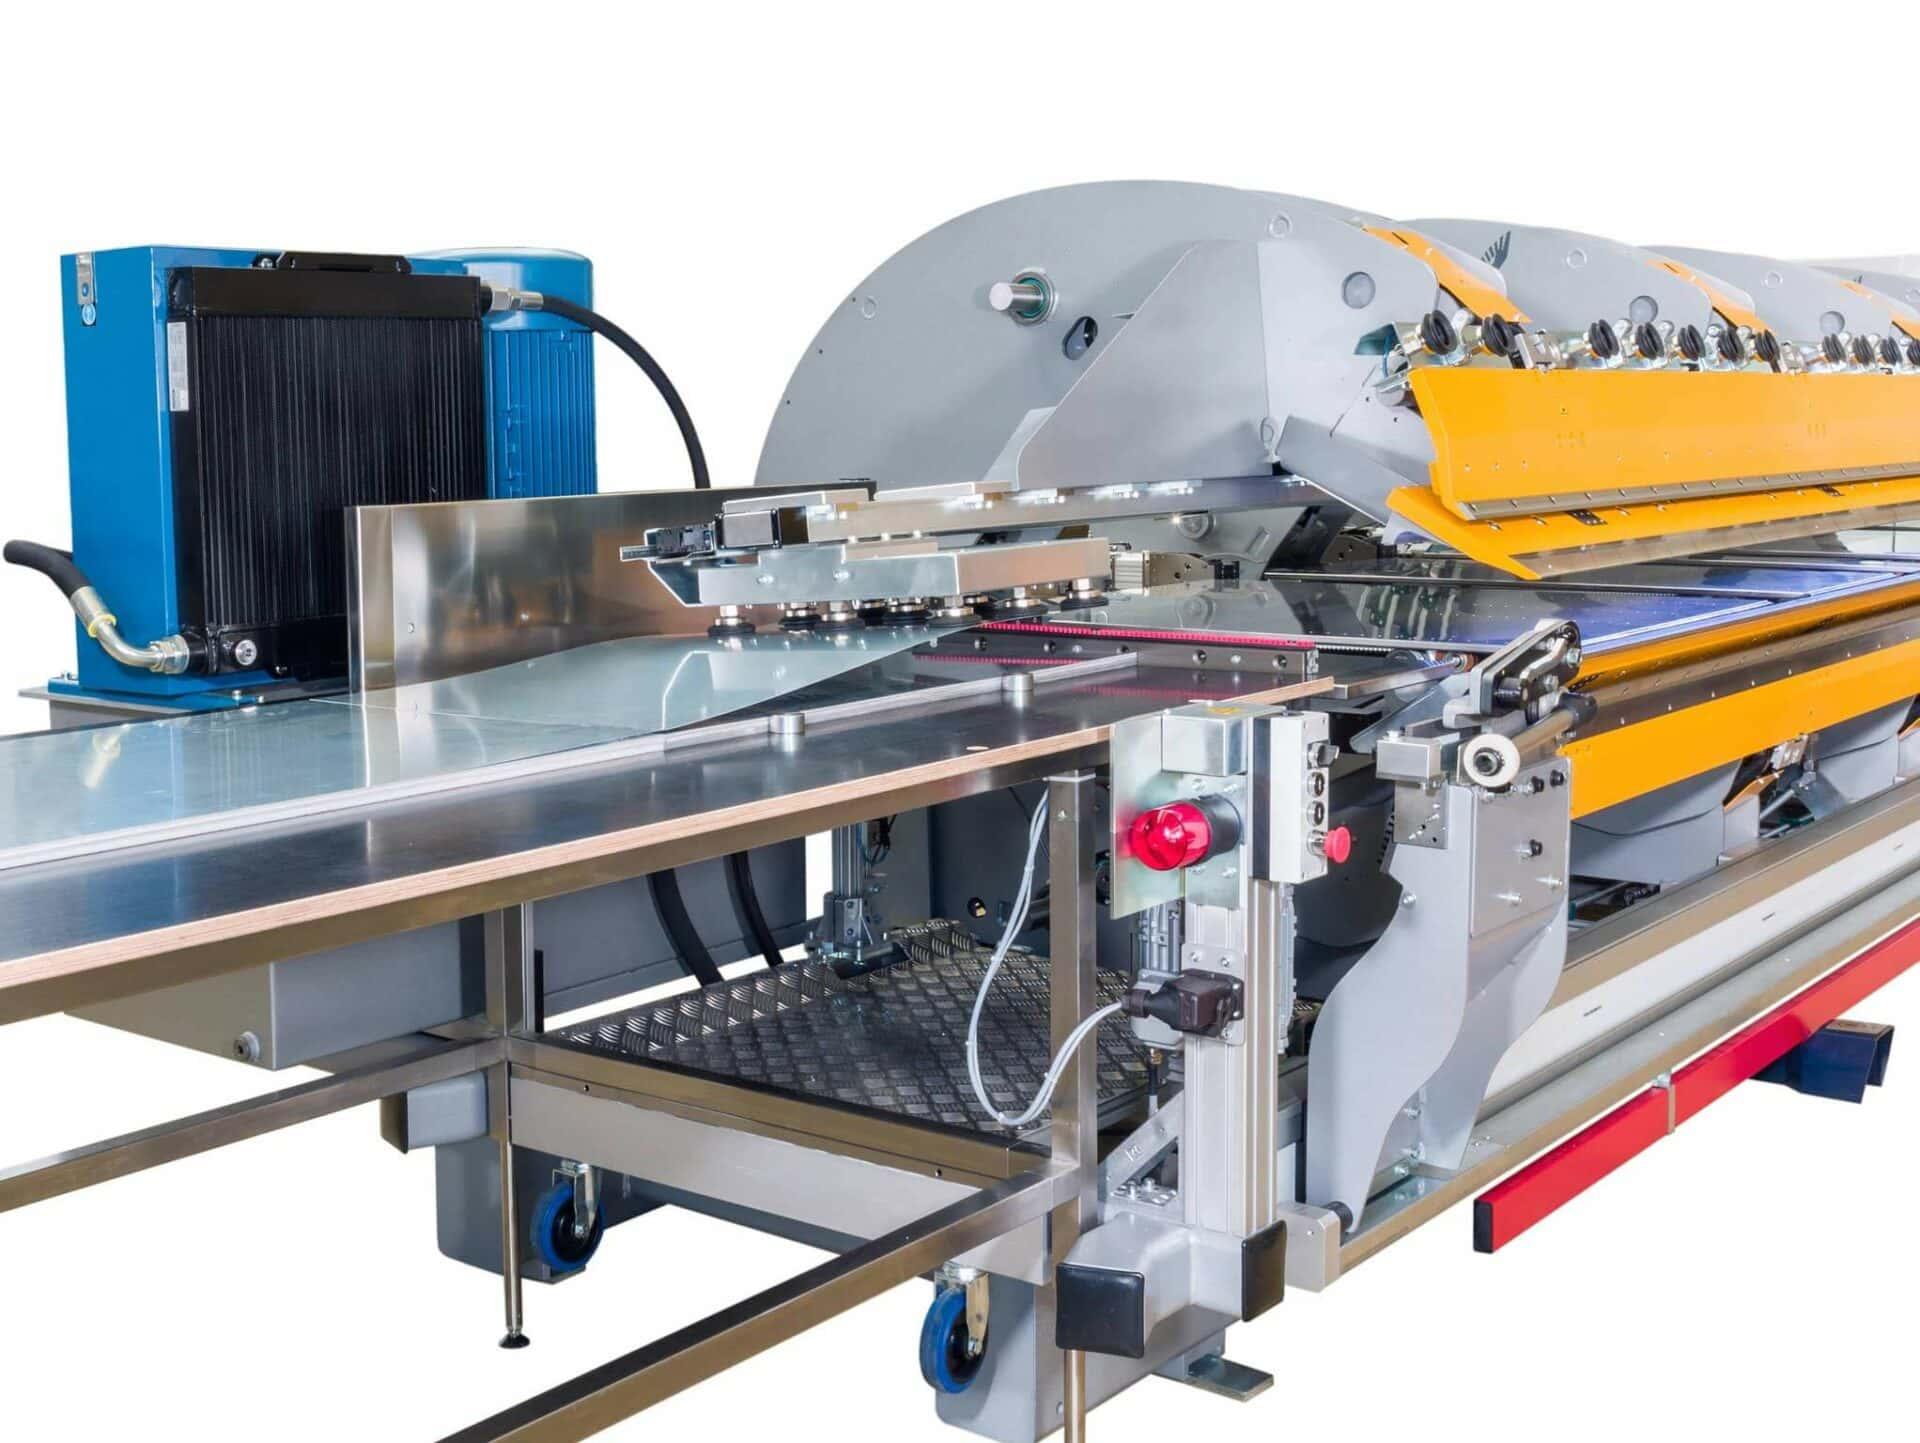 2020: Die Thalmann Maschinenbau AG zählt zu den internationalen Markt- und Technologieführern für Schwenkbiegemaschinen und überzeugt die Kunden mit kostensenkenden Innovationen.